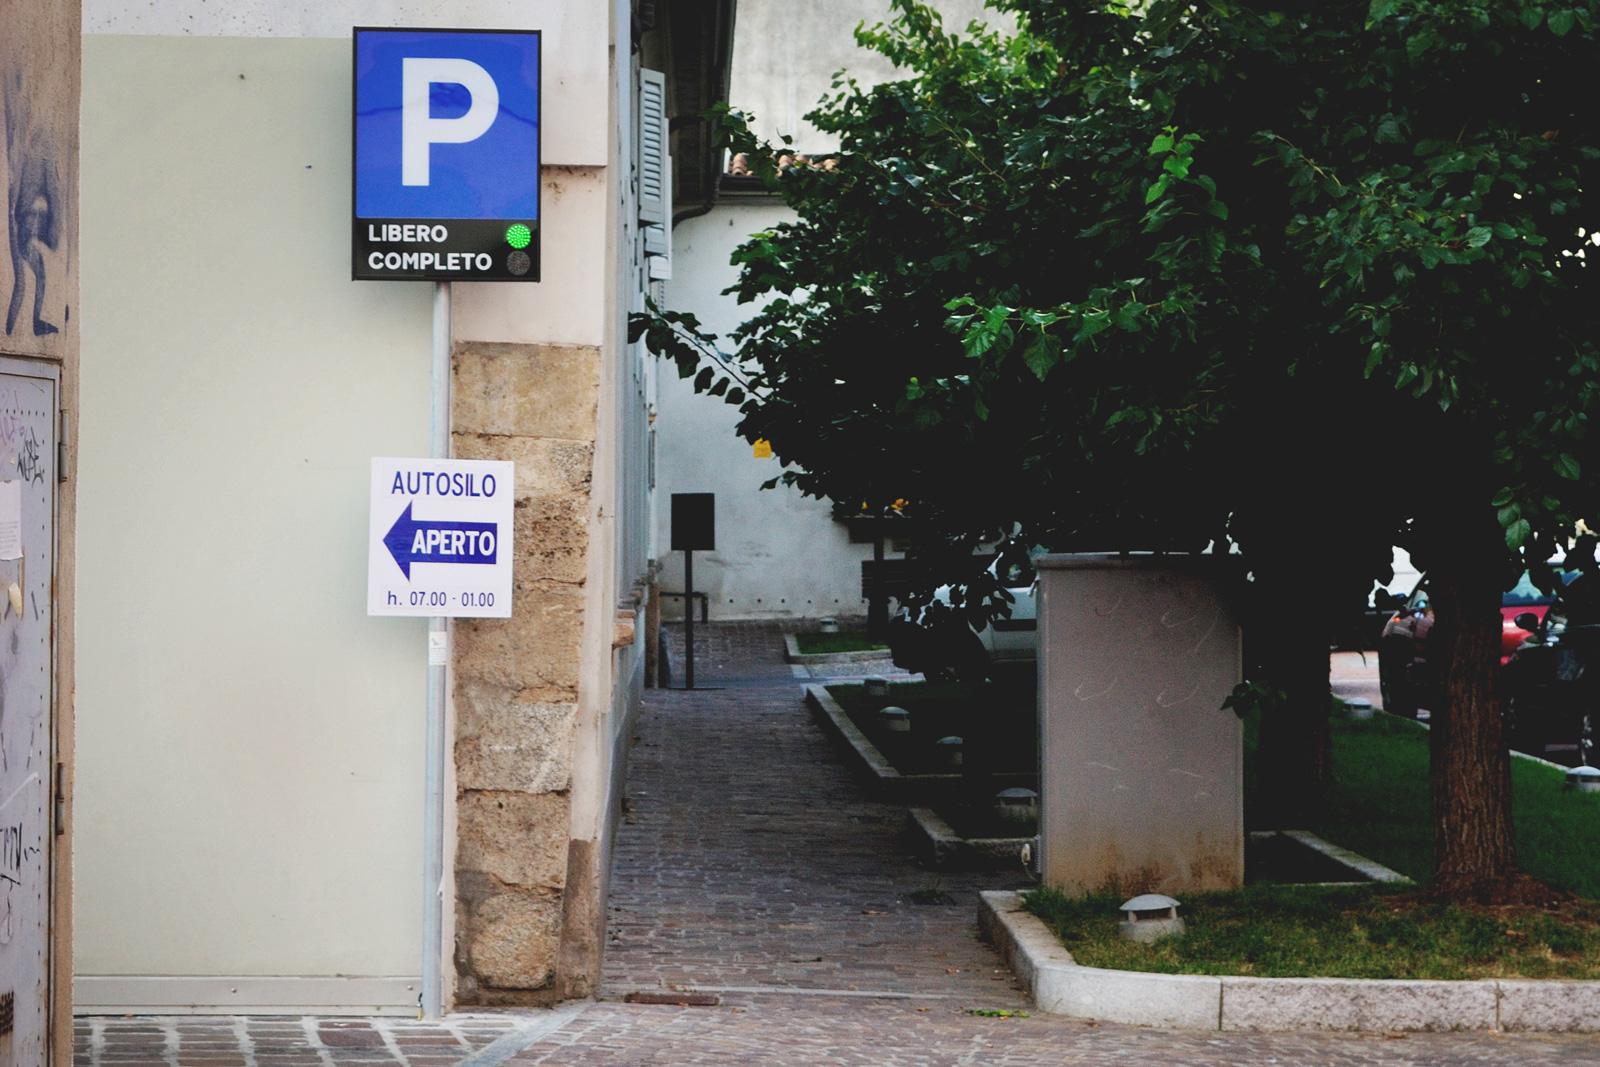 gebox-ponte-leoni-parking-monza-parcheggio-coperto-sicurezza-automatico